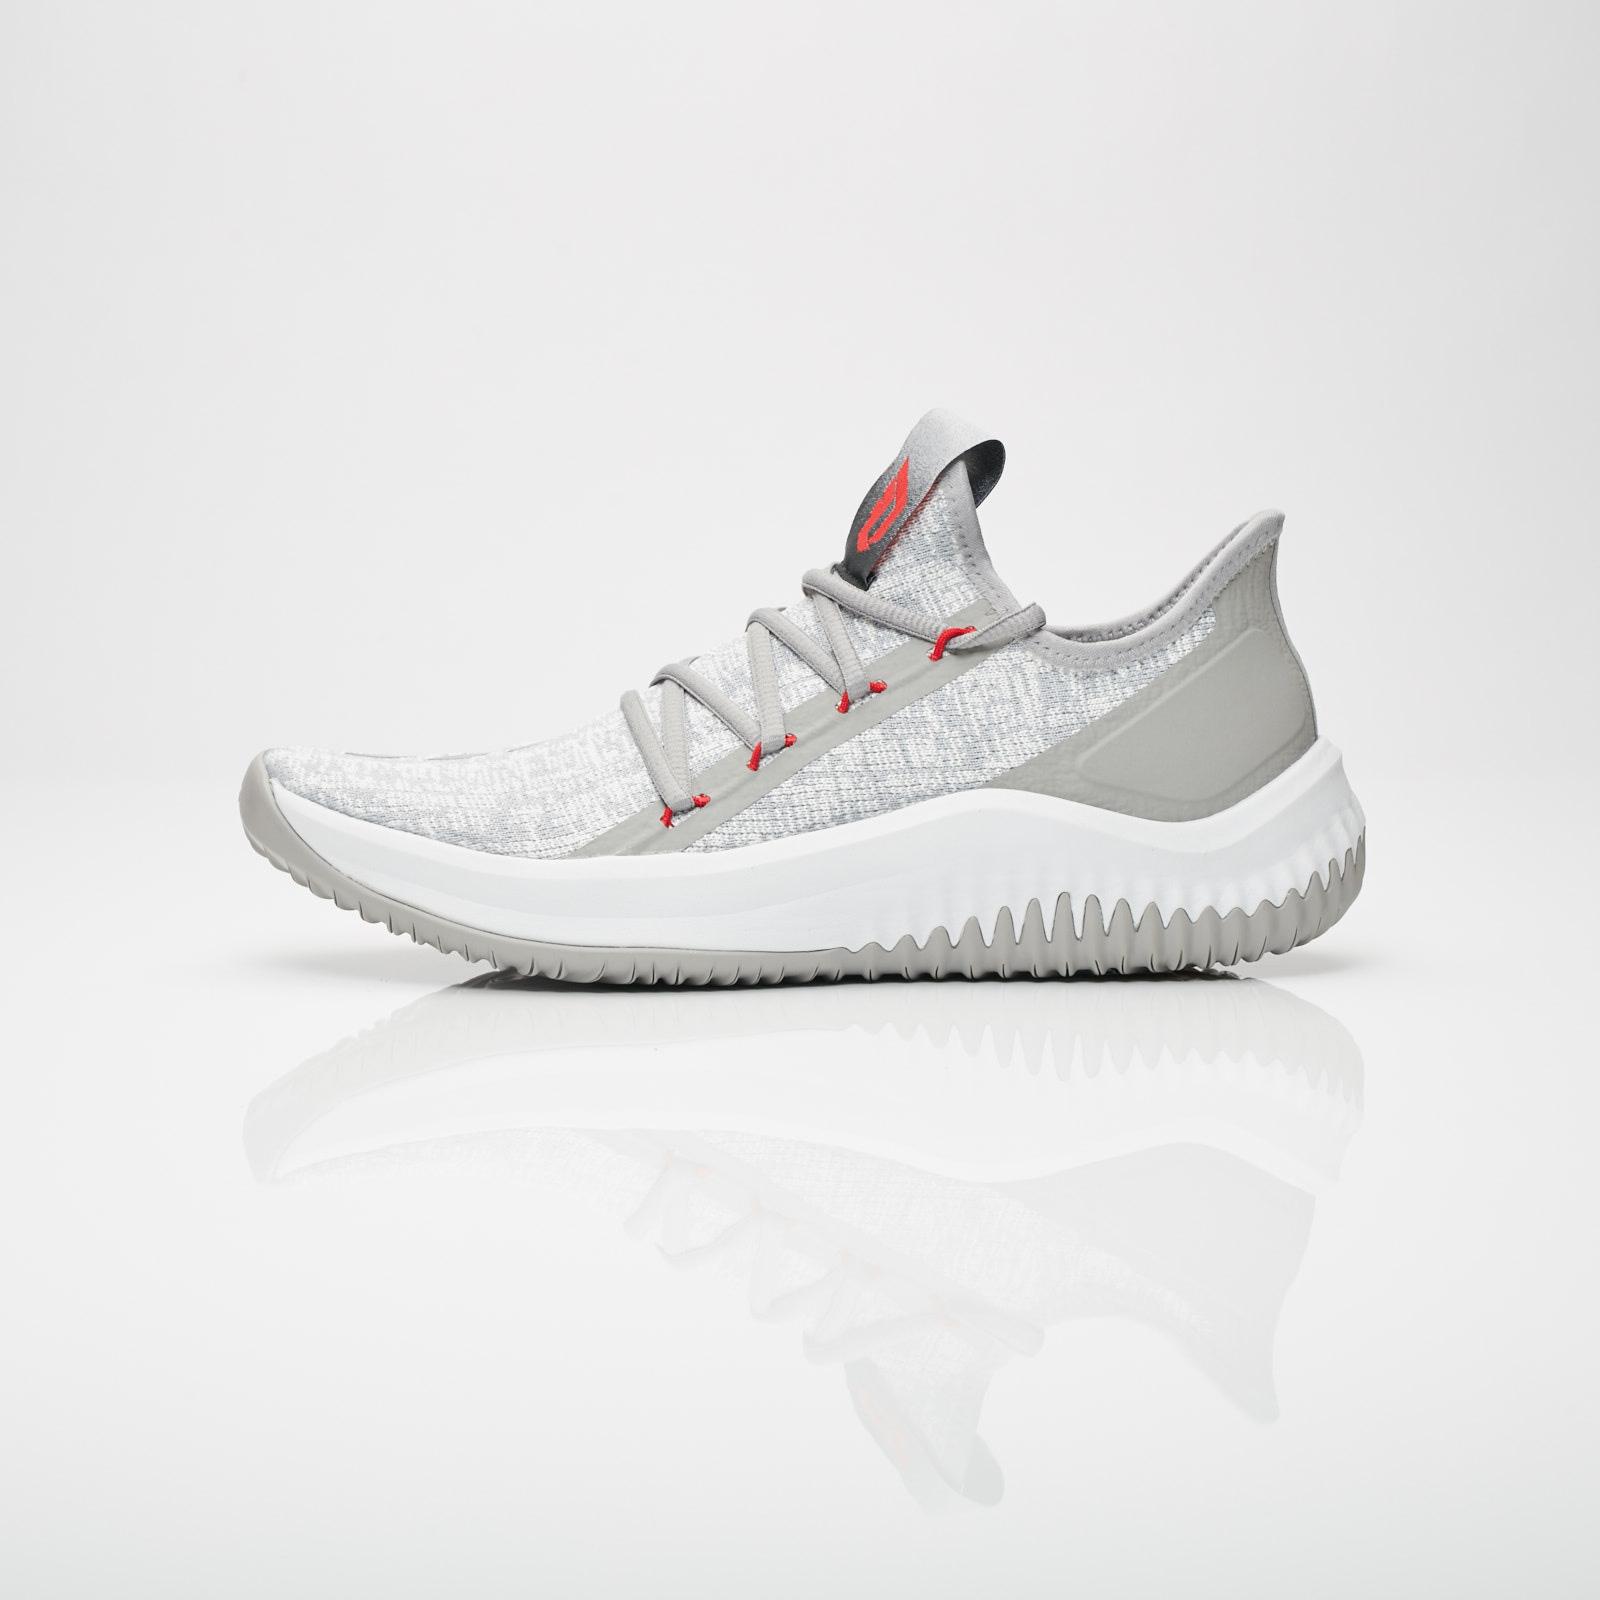 separation shoes a68d9 53ce7 ... get adidas performance dame d.o.l.l.a. ca9e6 c4902